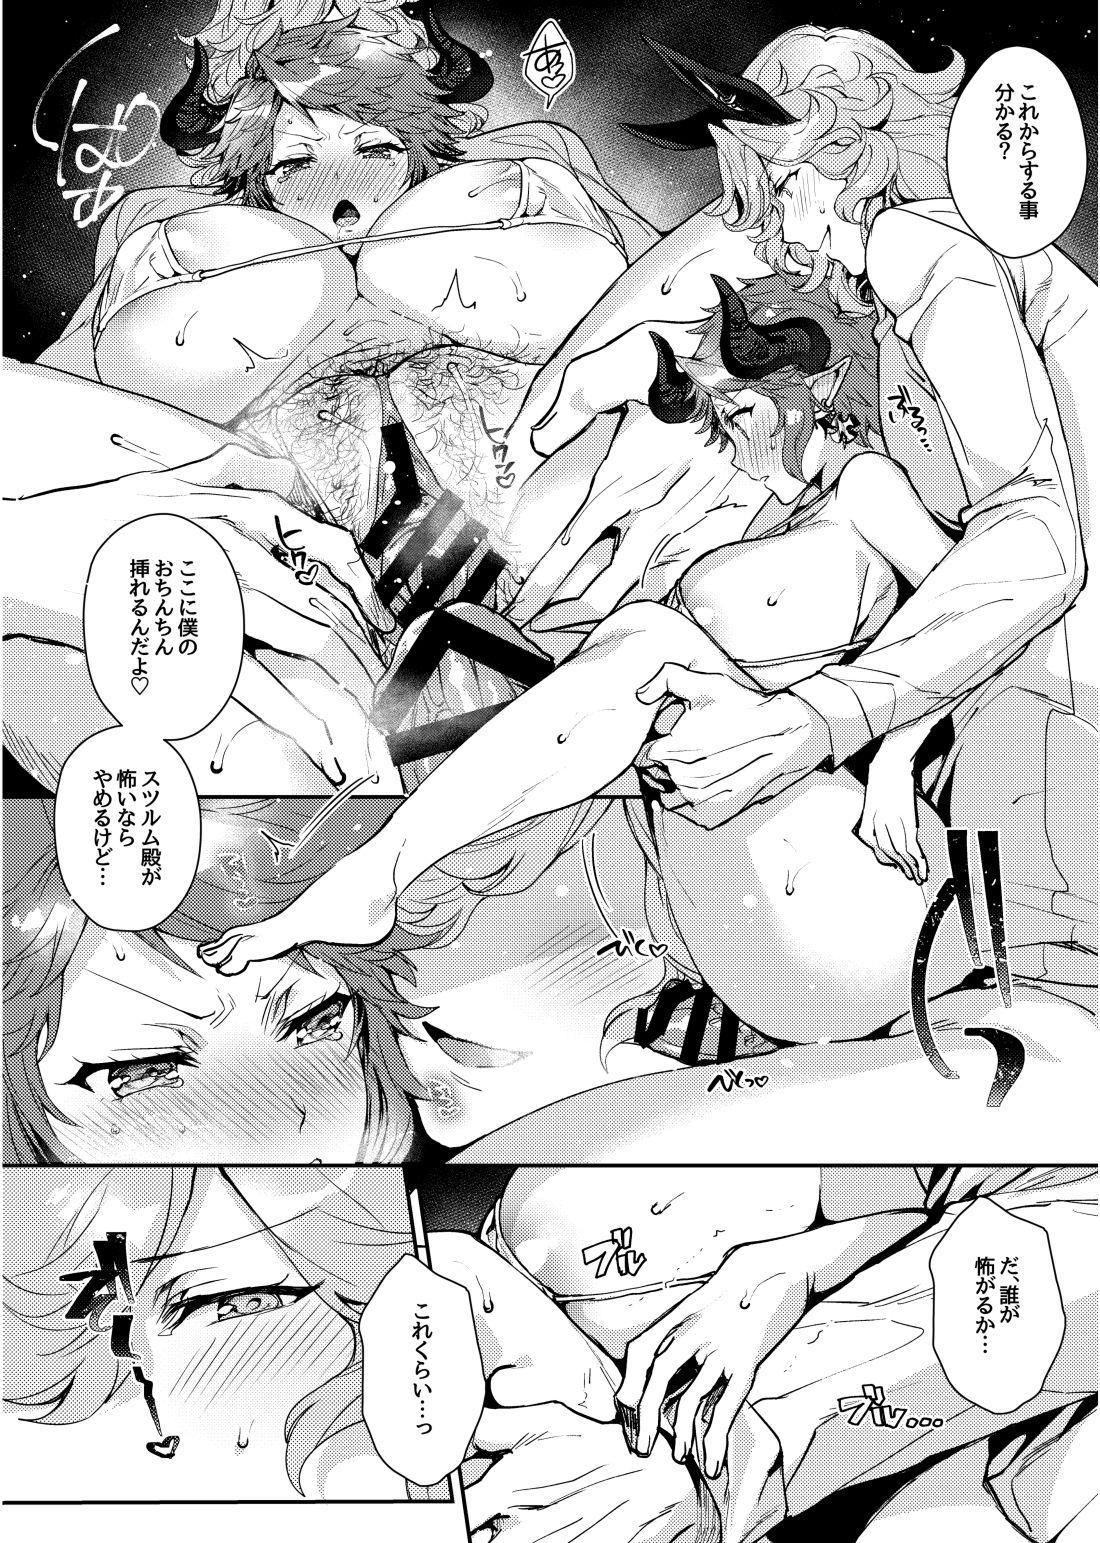 Kore Gurai Atashi ni datte Dekiru tte Itteru daro! 18